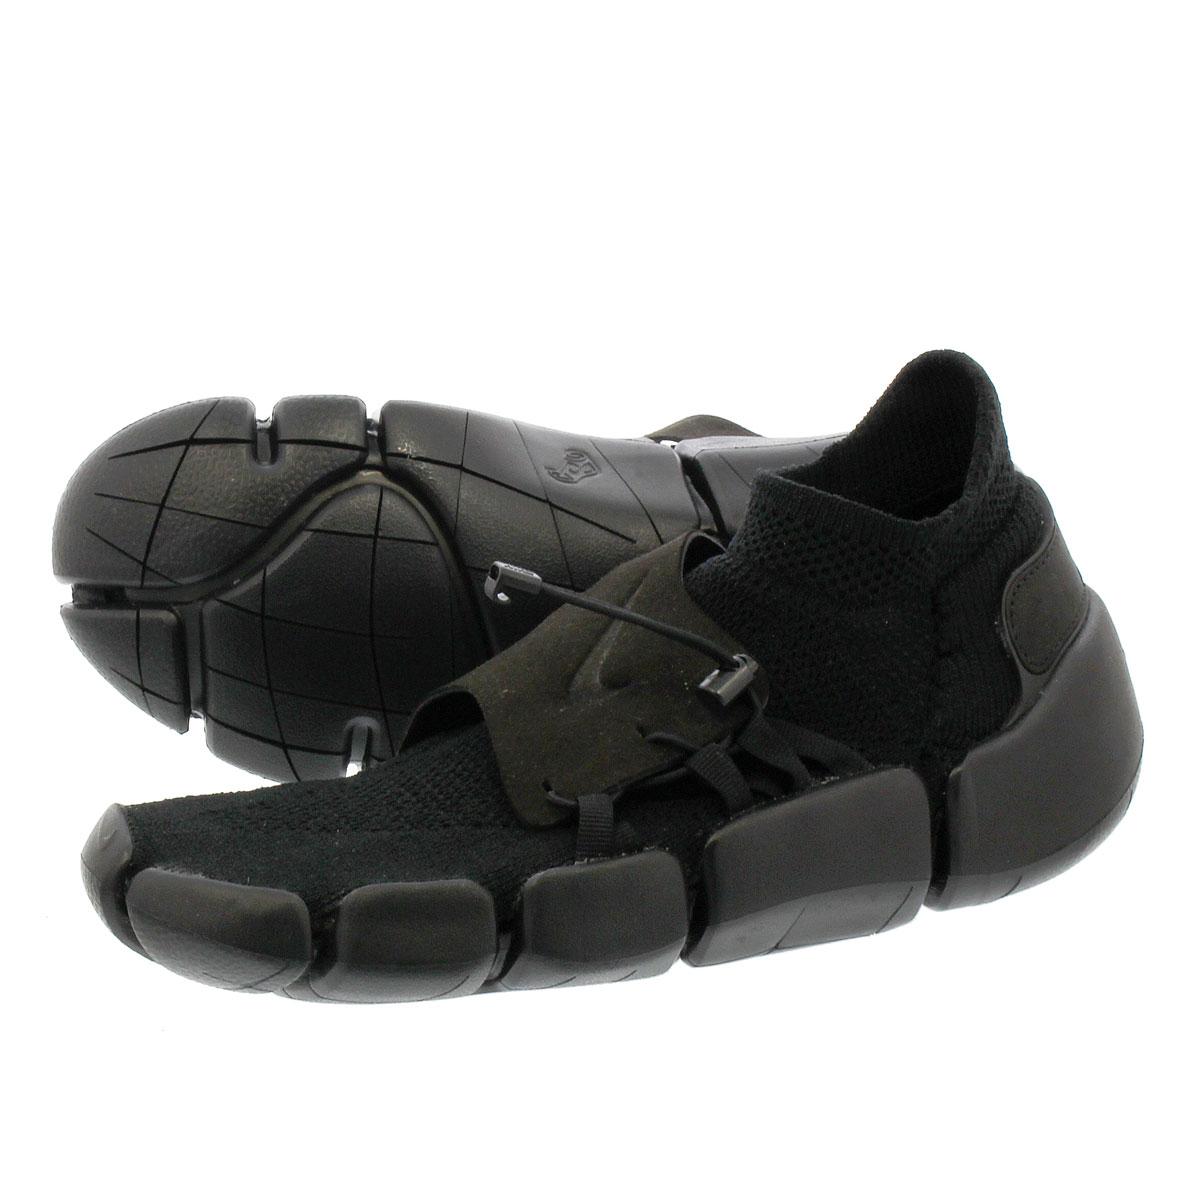 メンズ靴, スニーカー  NIKE FOOTSCAPE FLYKNIT DM DM BLACKBLACK ao2611-003